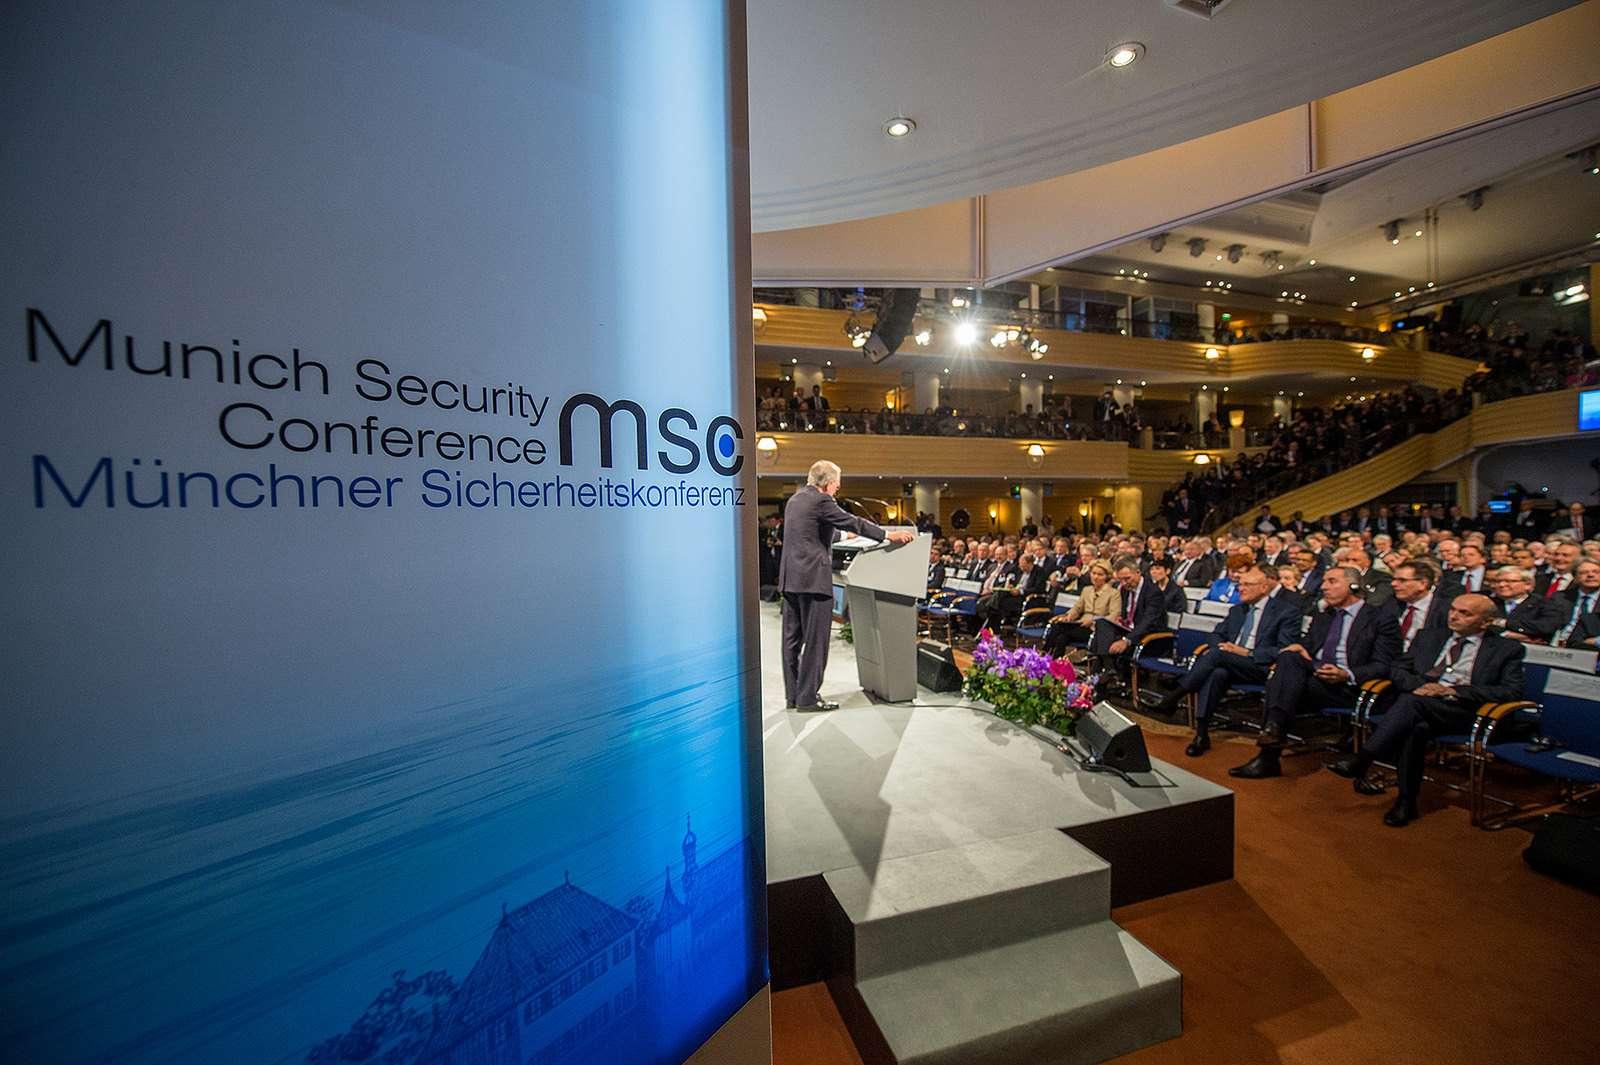 Мюнхенскаяконференция:основныеположения